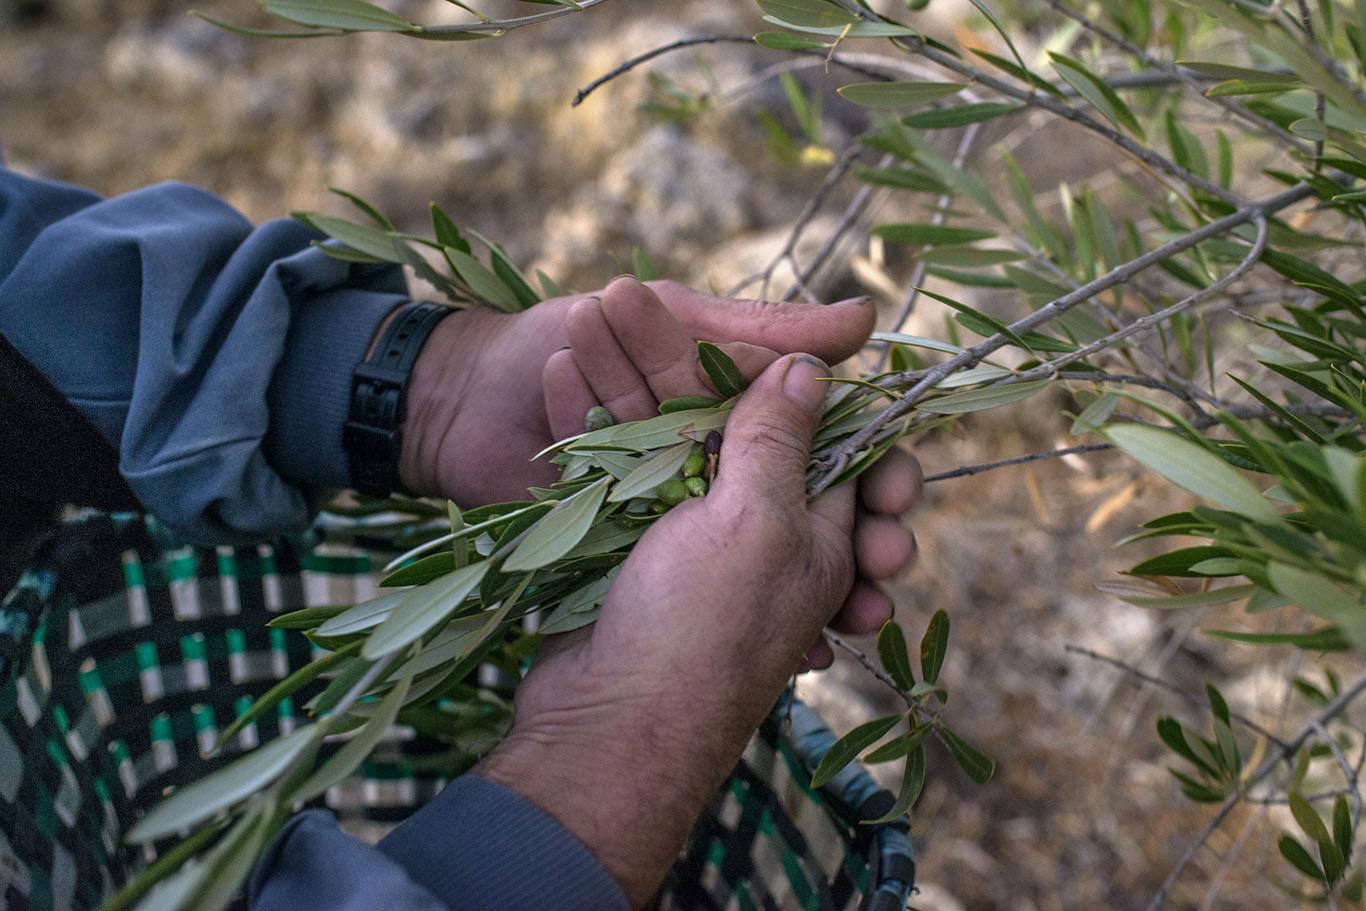 La recogida de la acebuchina es por el método del ordeño de las ramas.